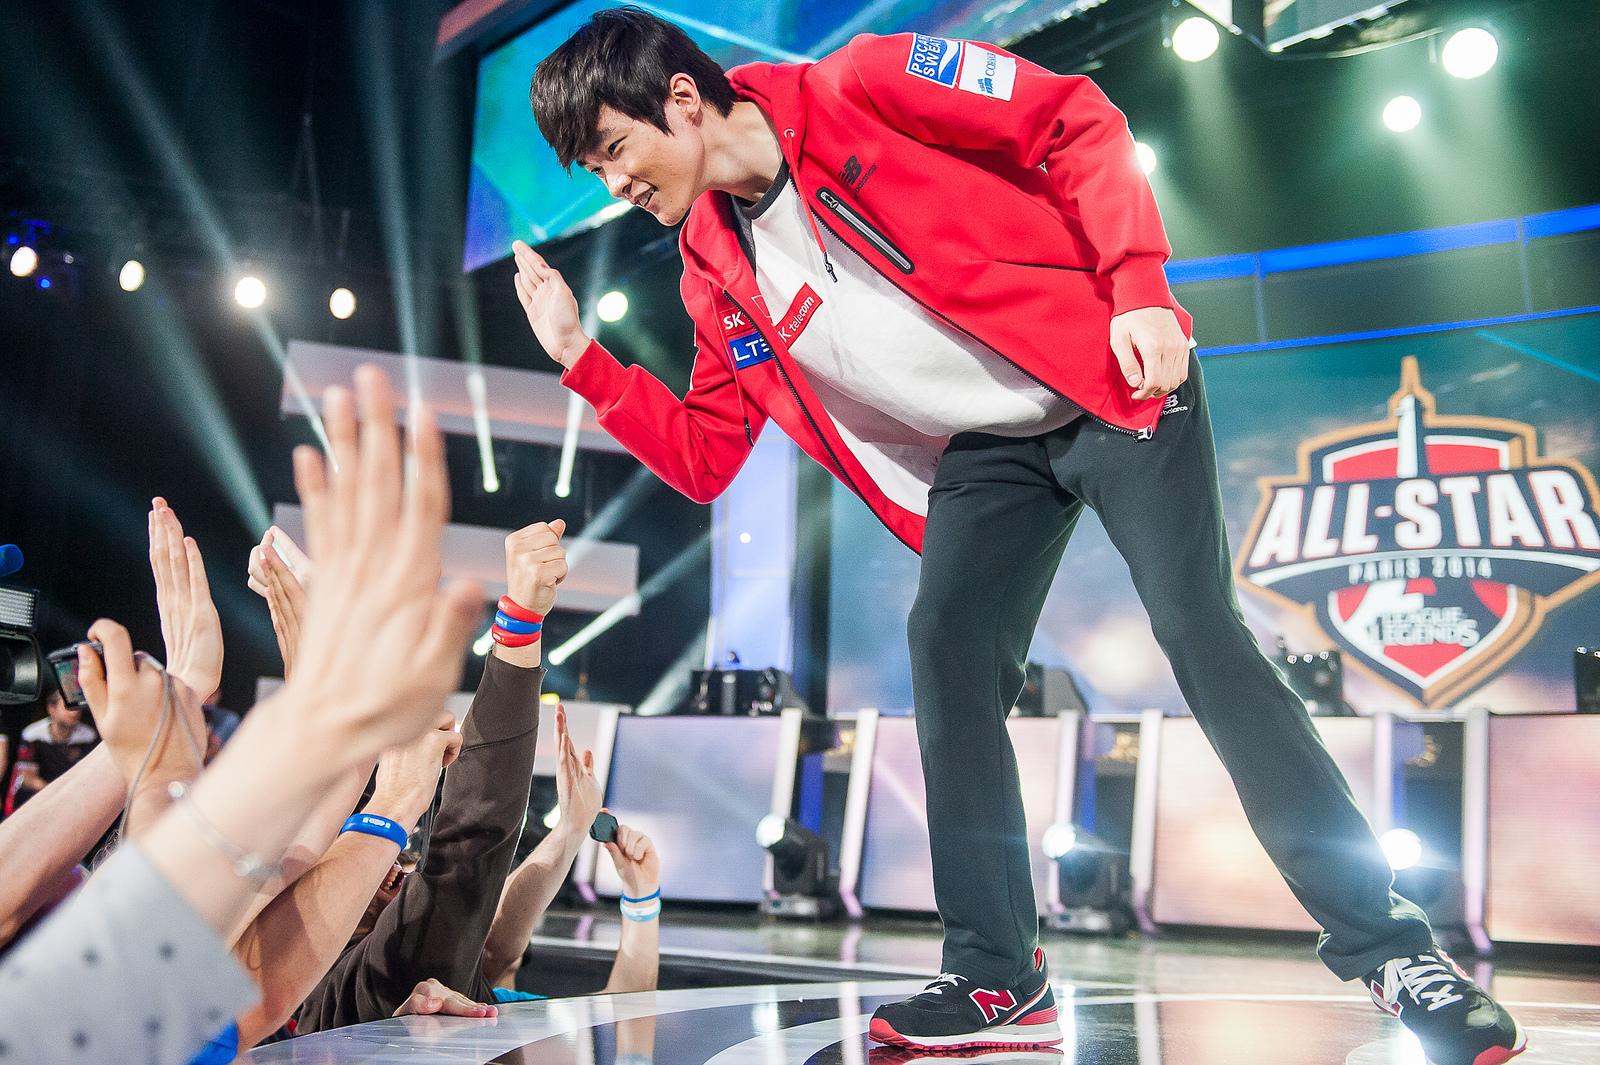 Многие корейские игроки в LoL переезжают в Китай в погоне за большими зарплатами. Faker же не согласился покидать родину и SK Telecom T1 даже в обмен на контракт на сумму больше $1 млн.